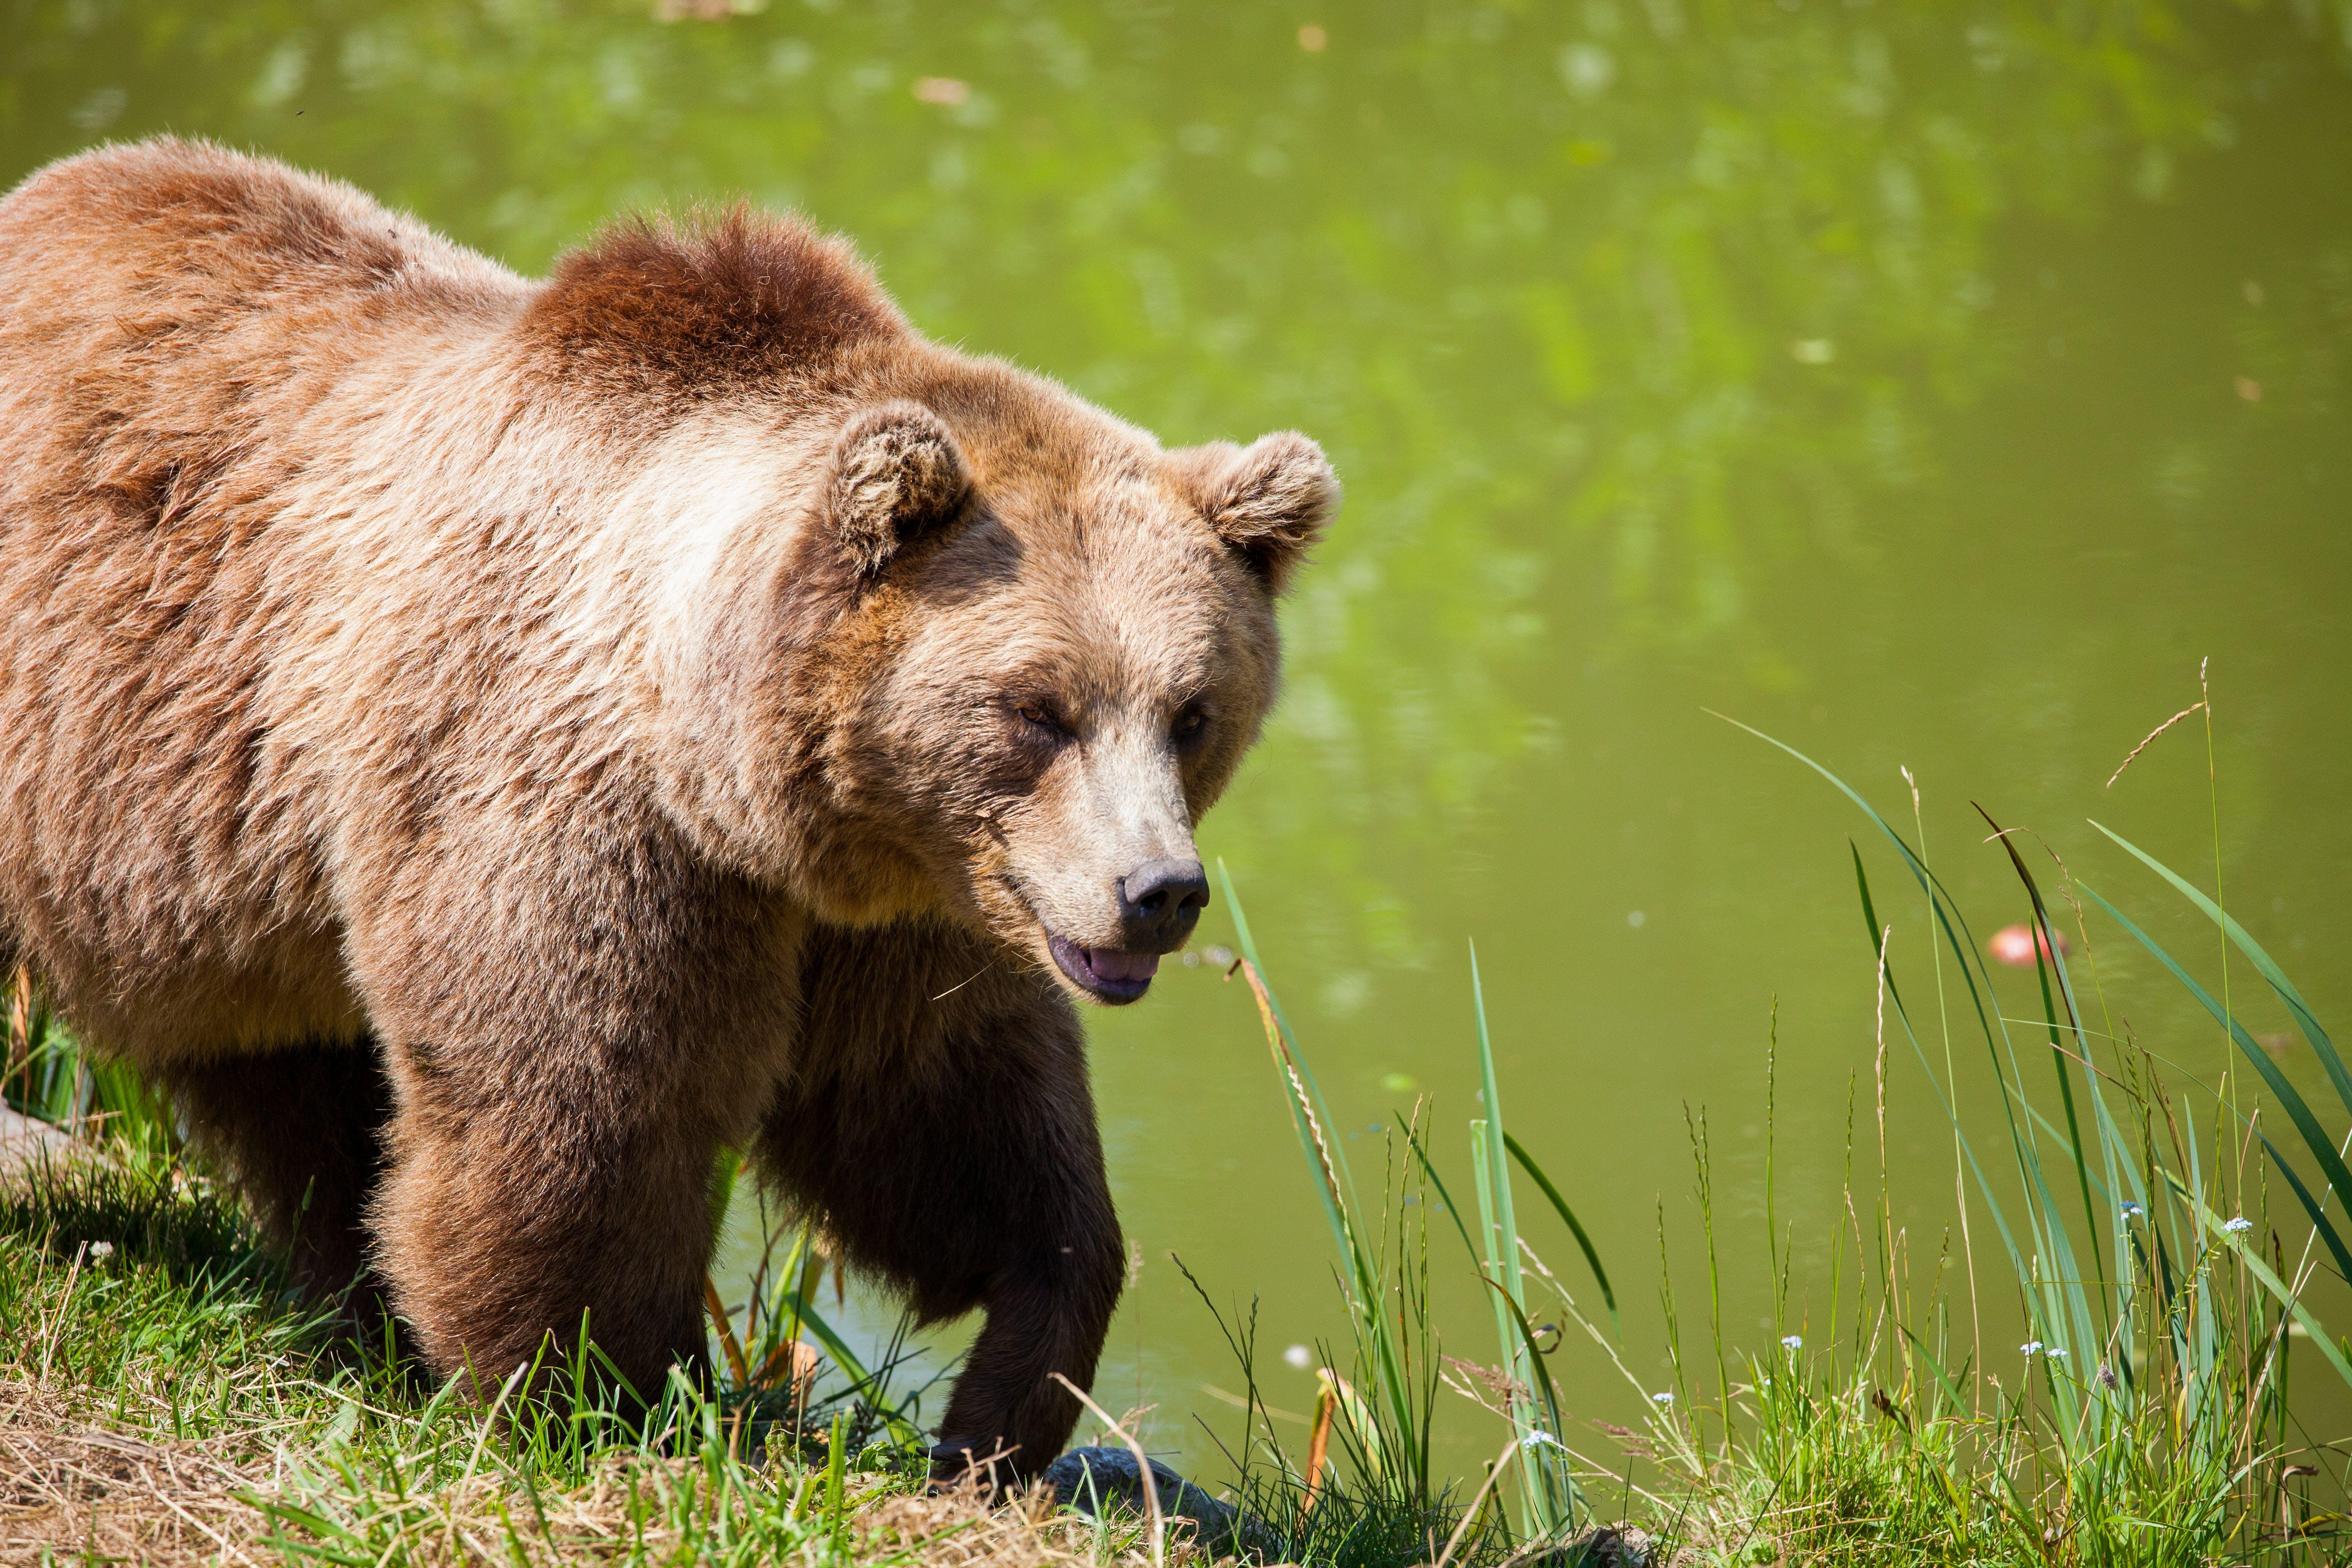 chlupatý, divočina, medvěd